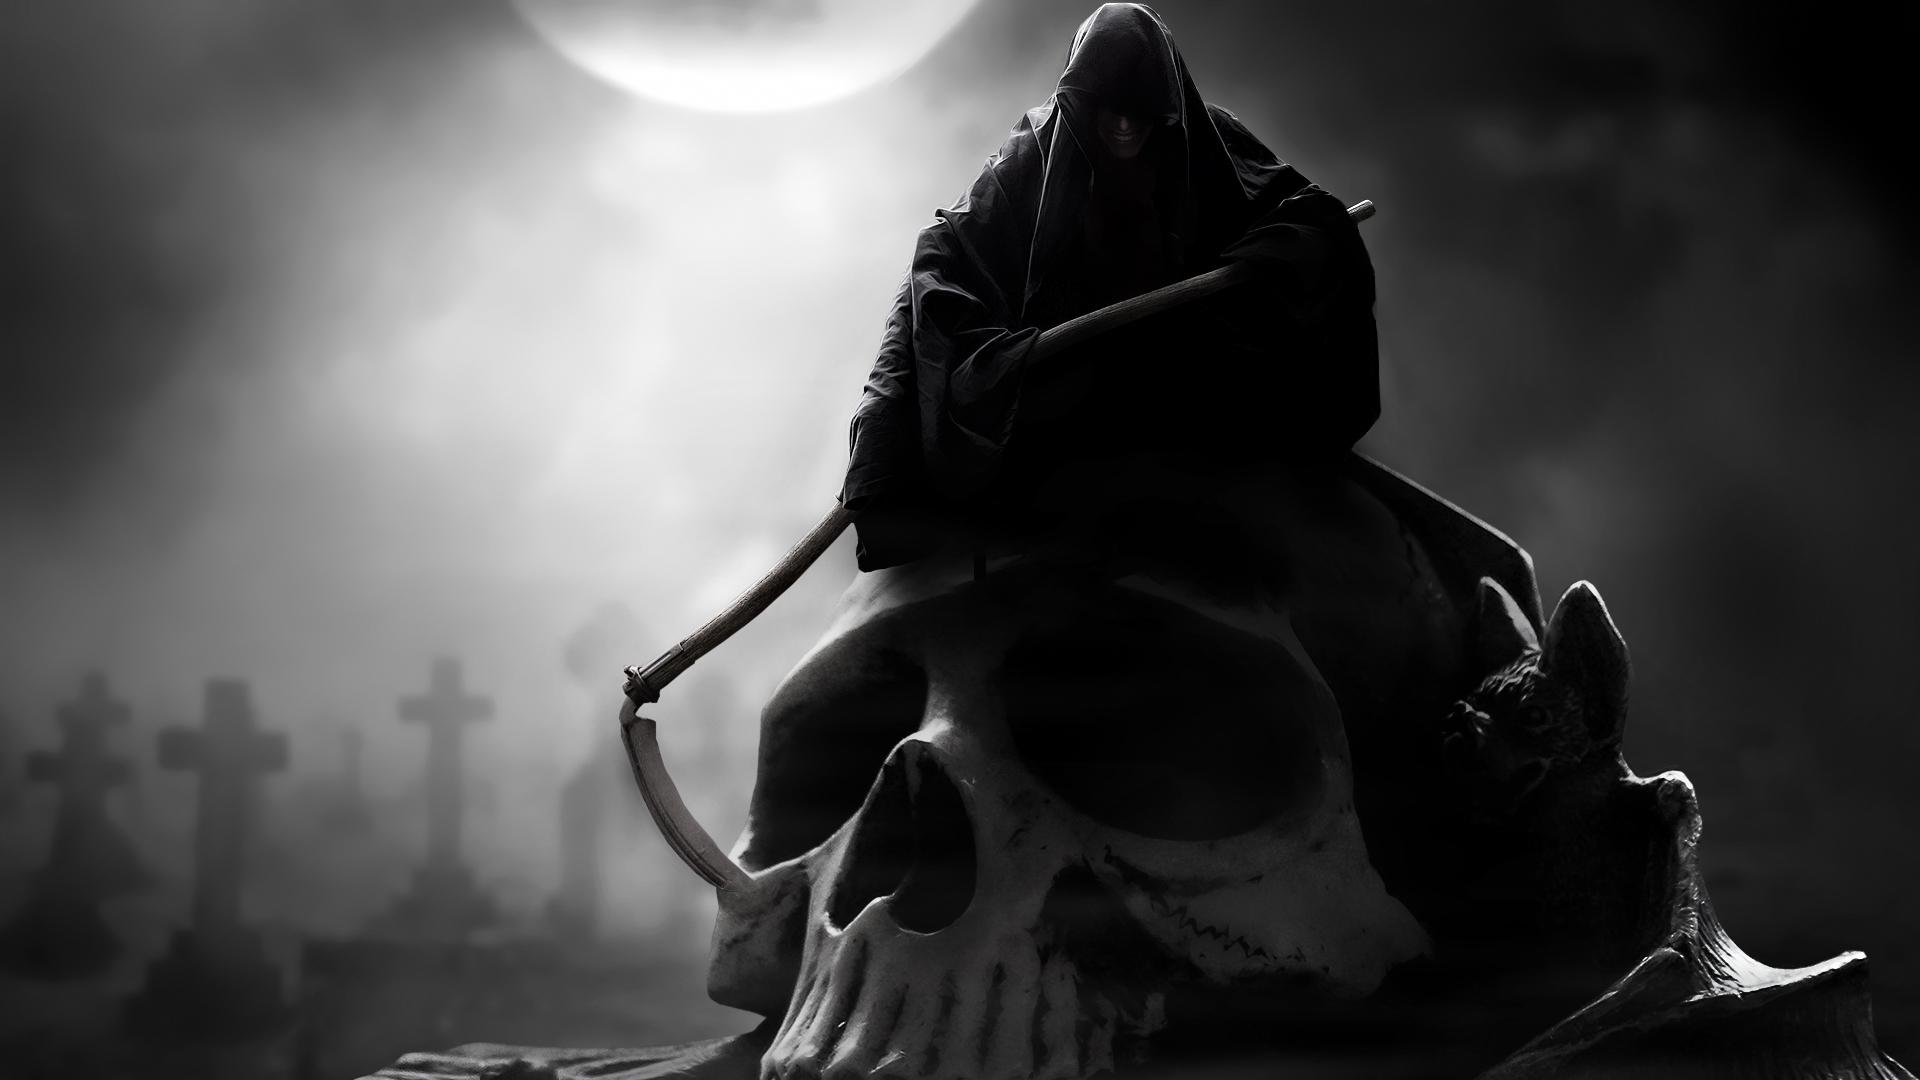 Фото картинок смерть с косой 18 фотография